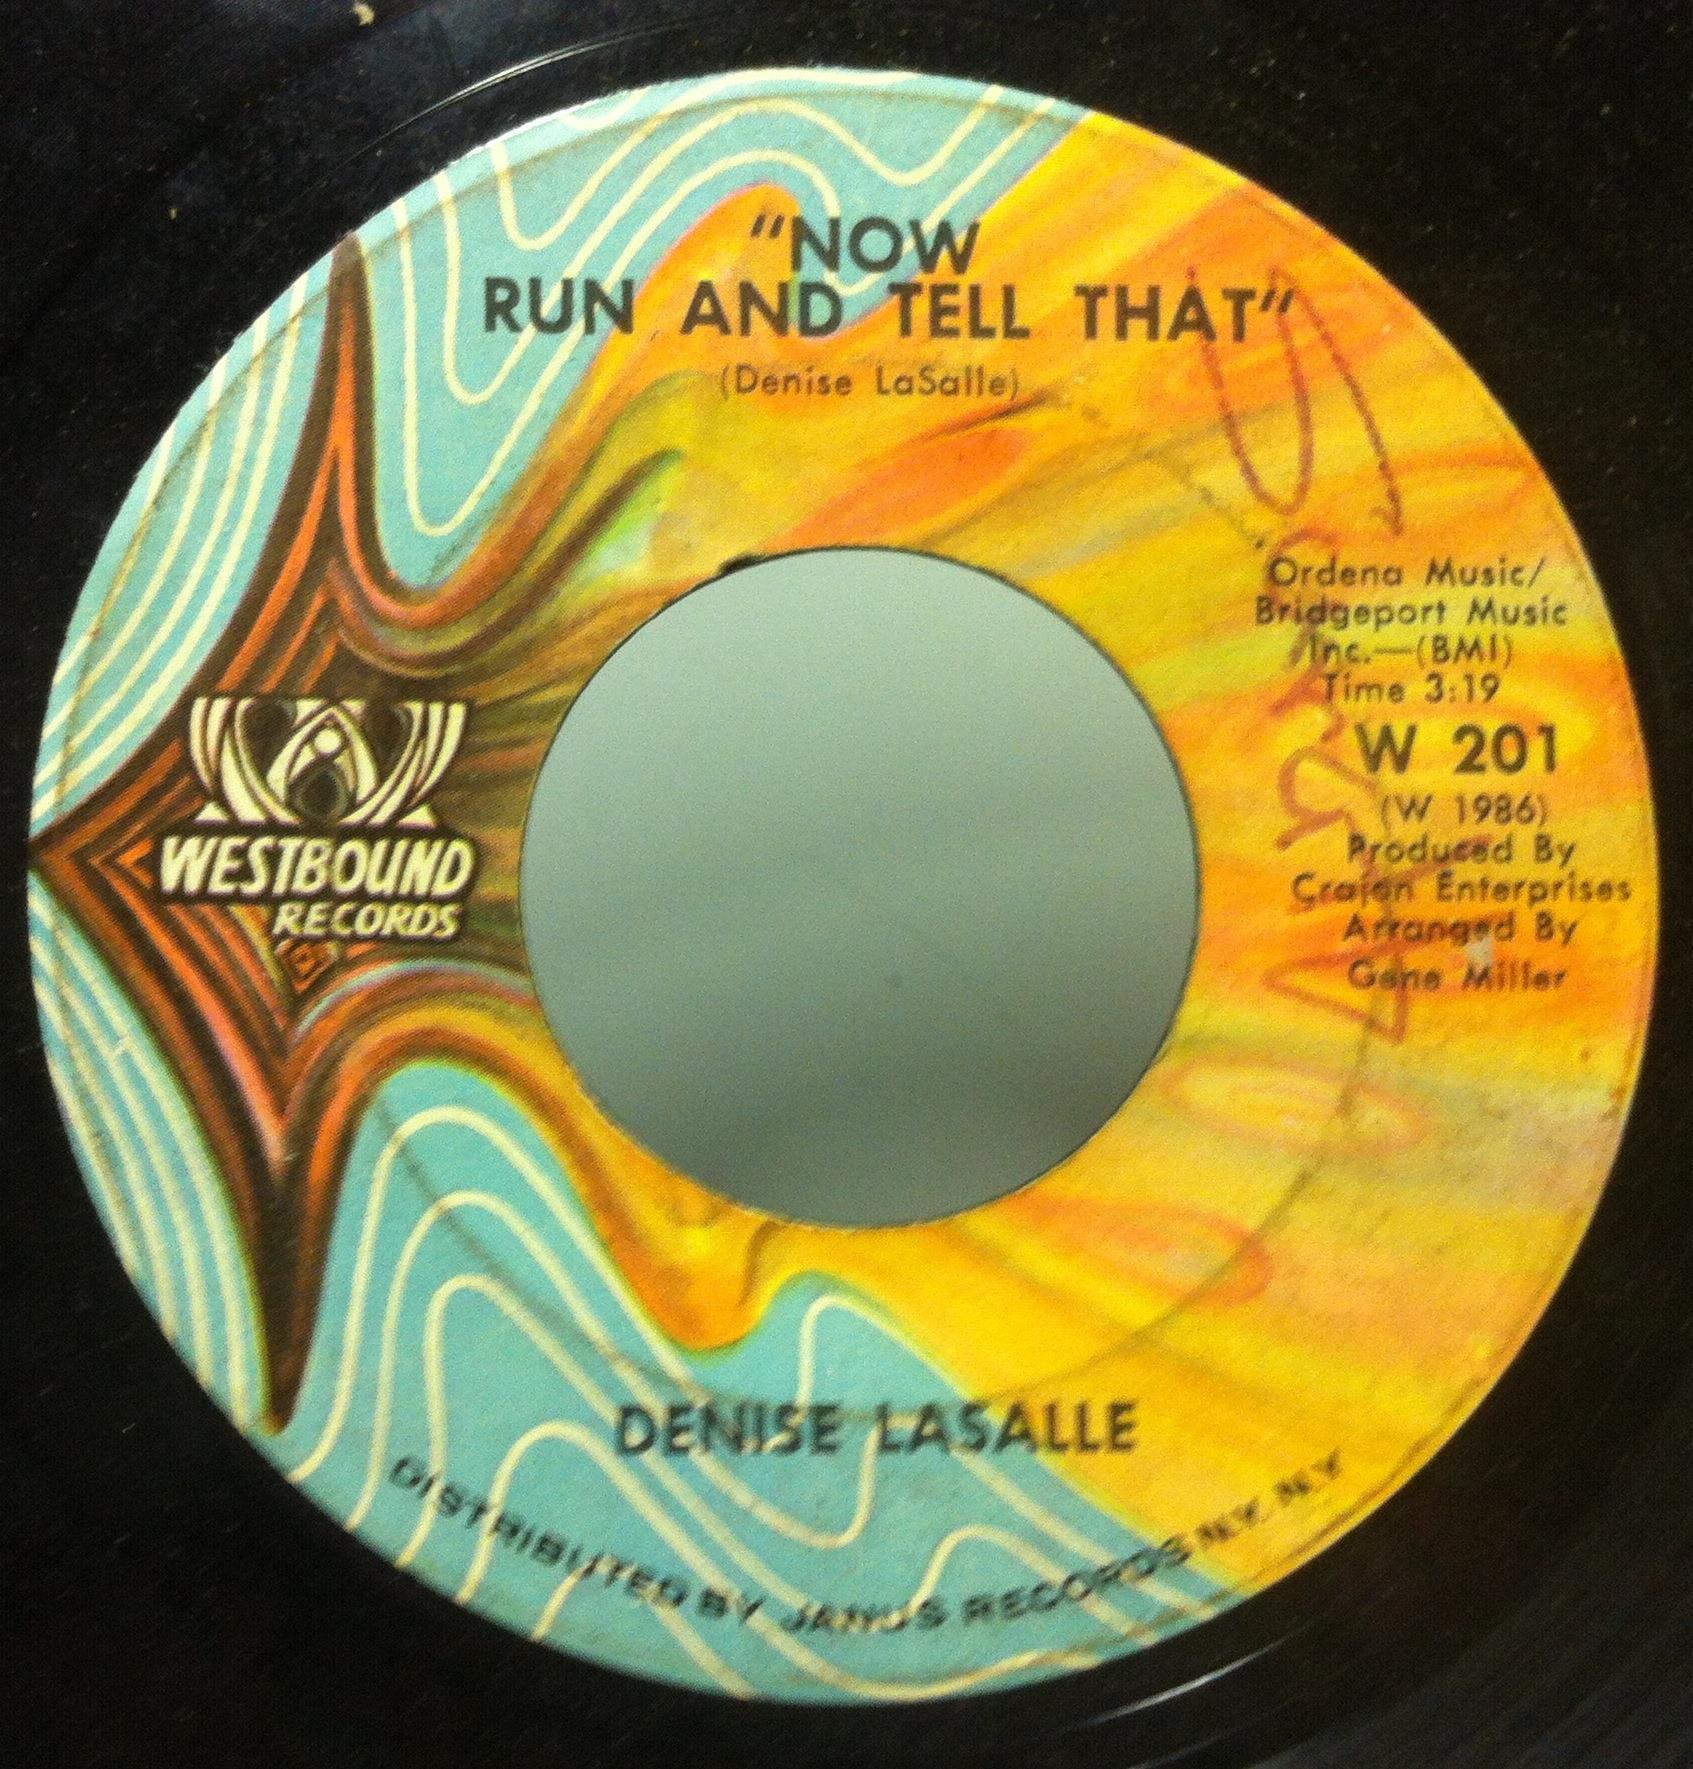 Denise Lasalle The Deeper I Go